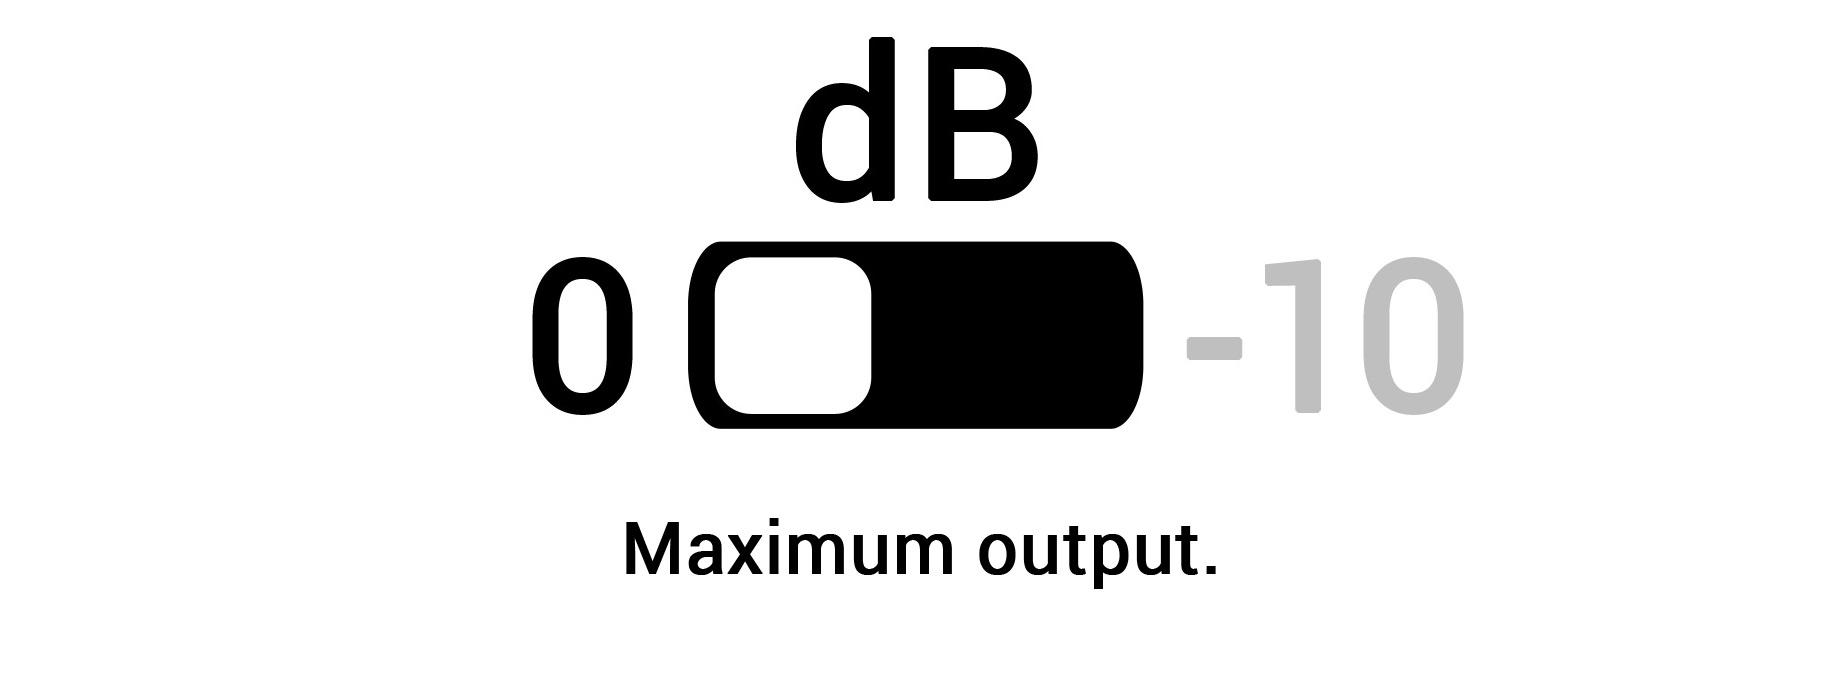 laser-switch-0dB.jpg